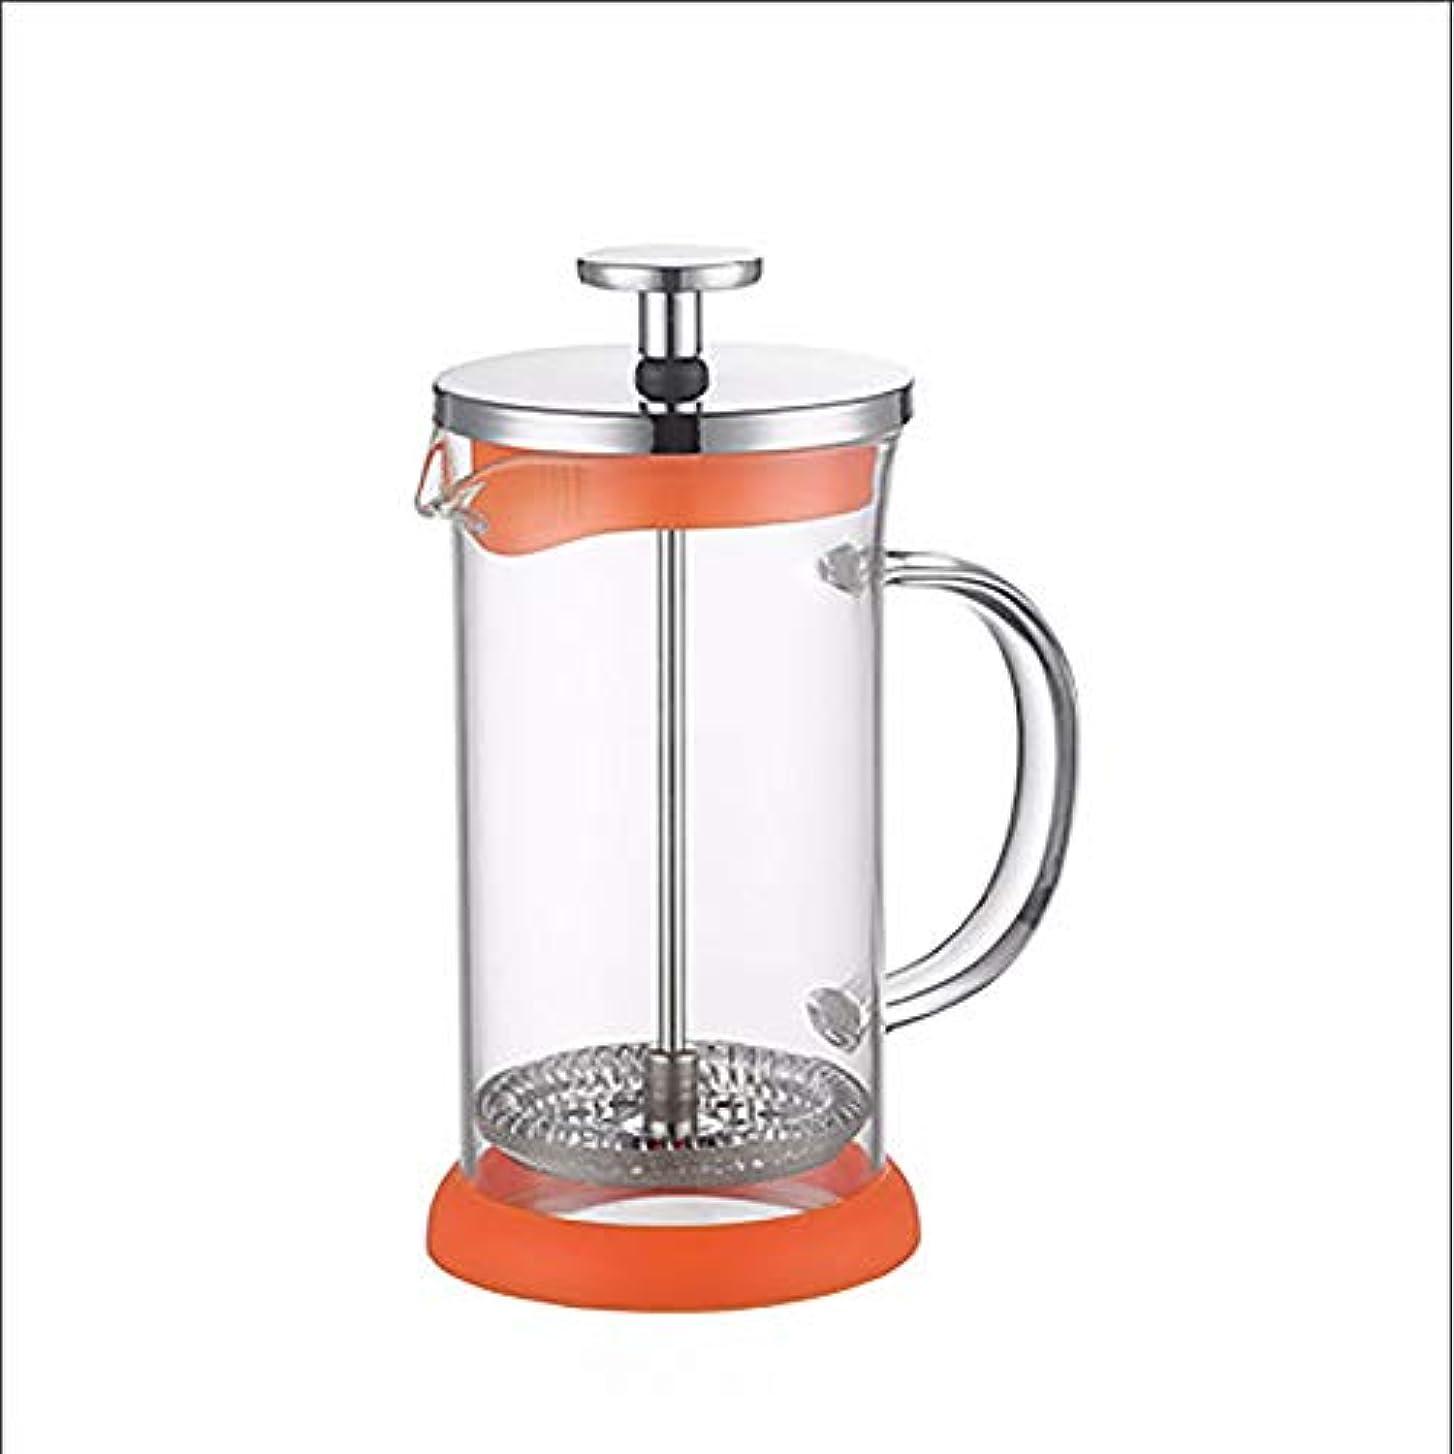 目を覚ます異邦人ジャニスフレンチプレスコーヒーメーカーティーポット、二重壁ホウケイ酸ガラス、304高密度ステンレススチール、2杯付き